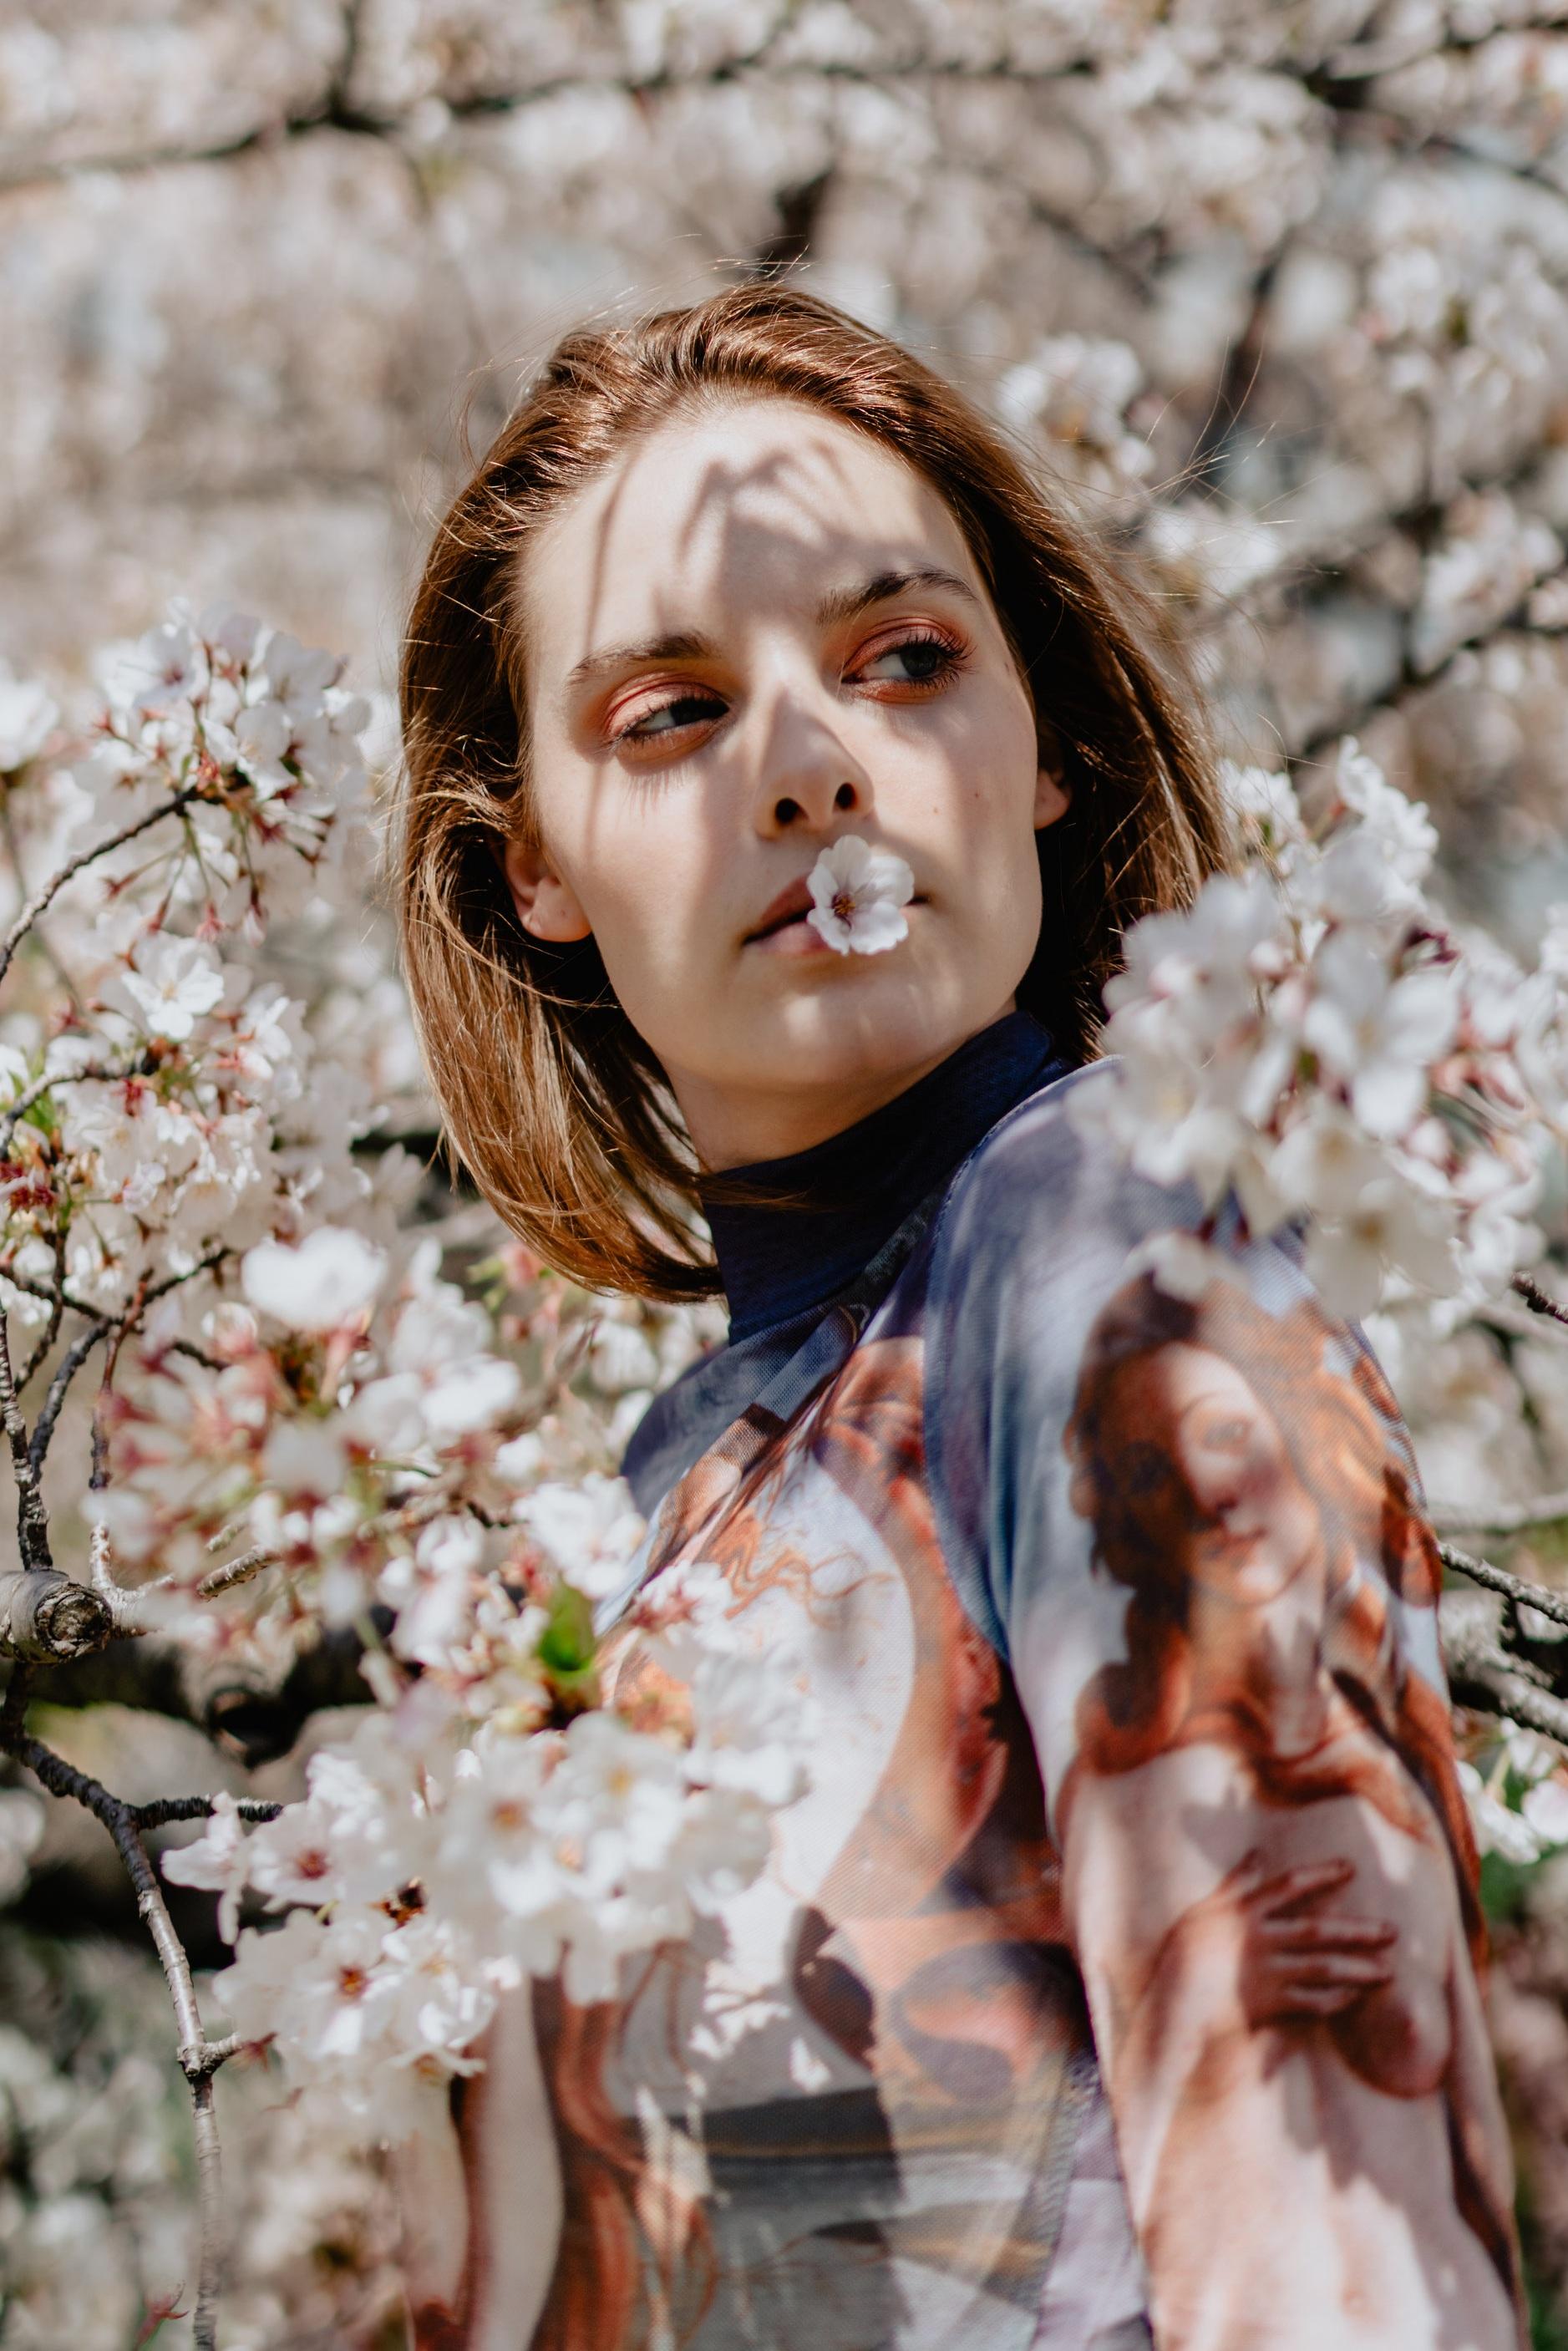 Blossom - Sakura